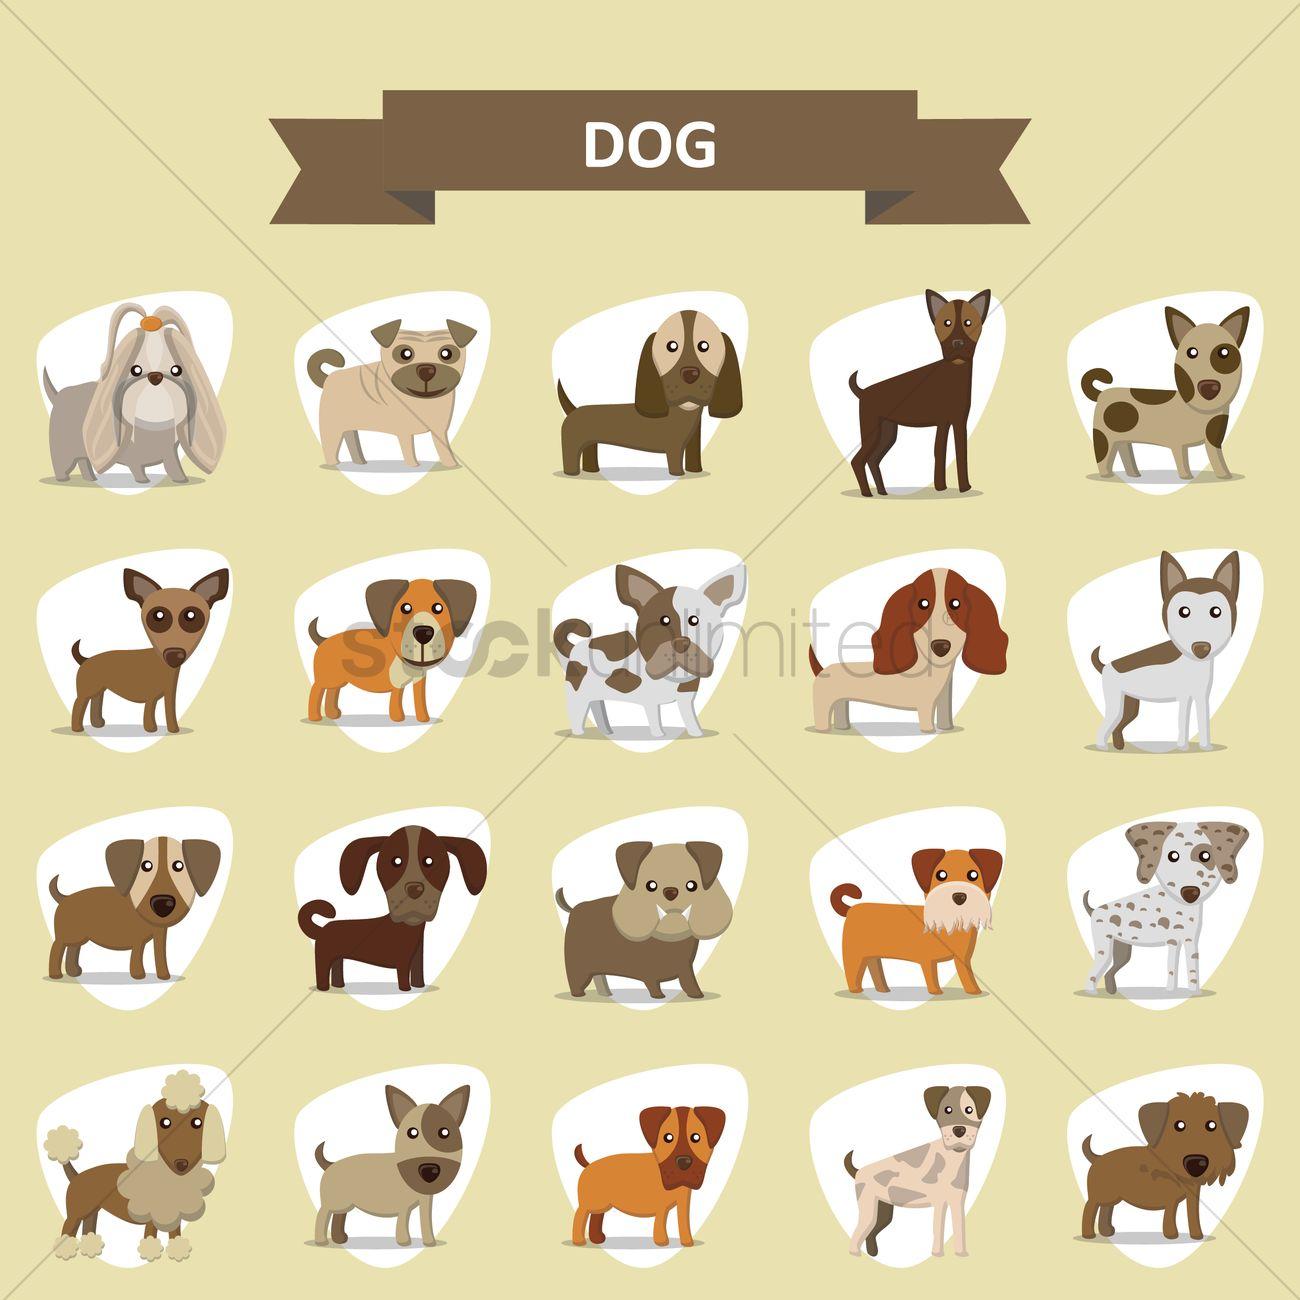 Dog Breeder Web Design   Professional Website Design for ...  Dog Breeding Logos